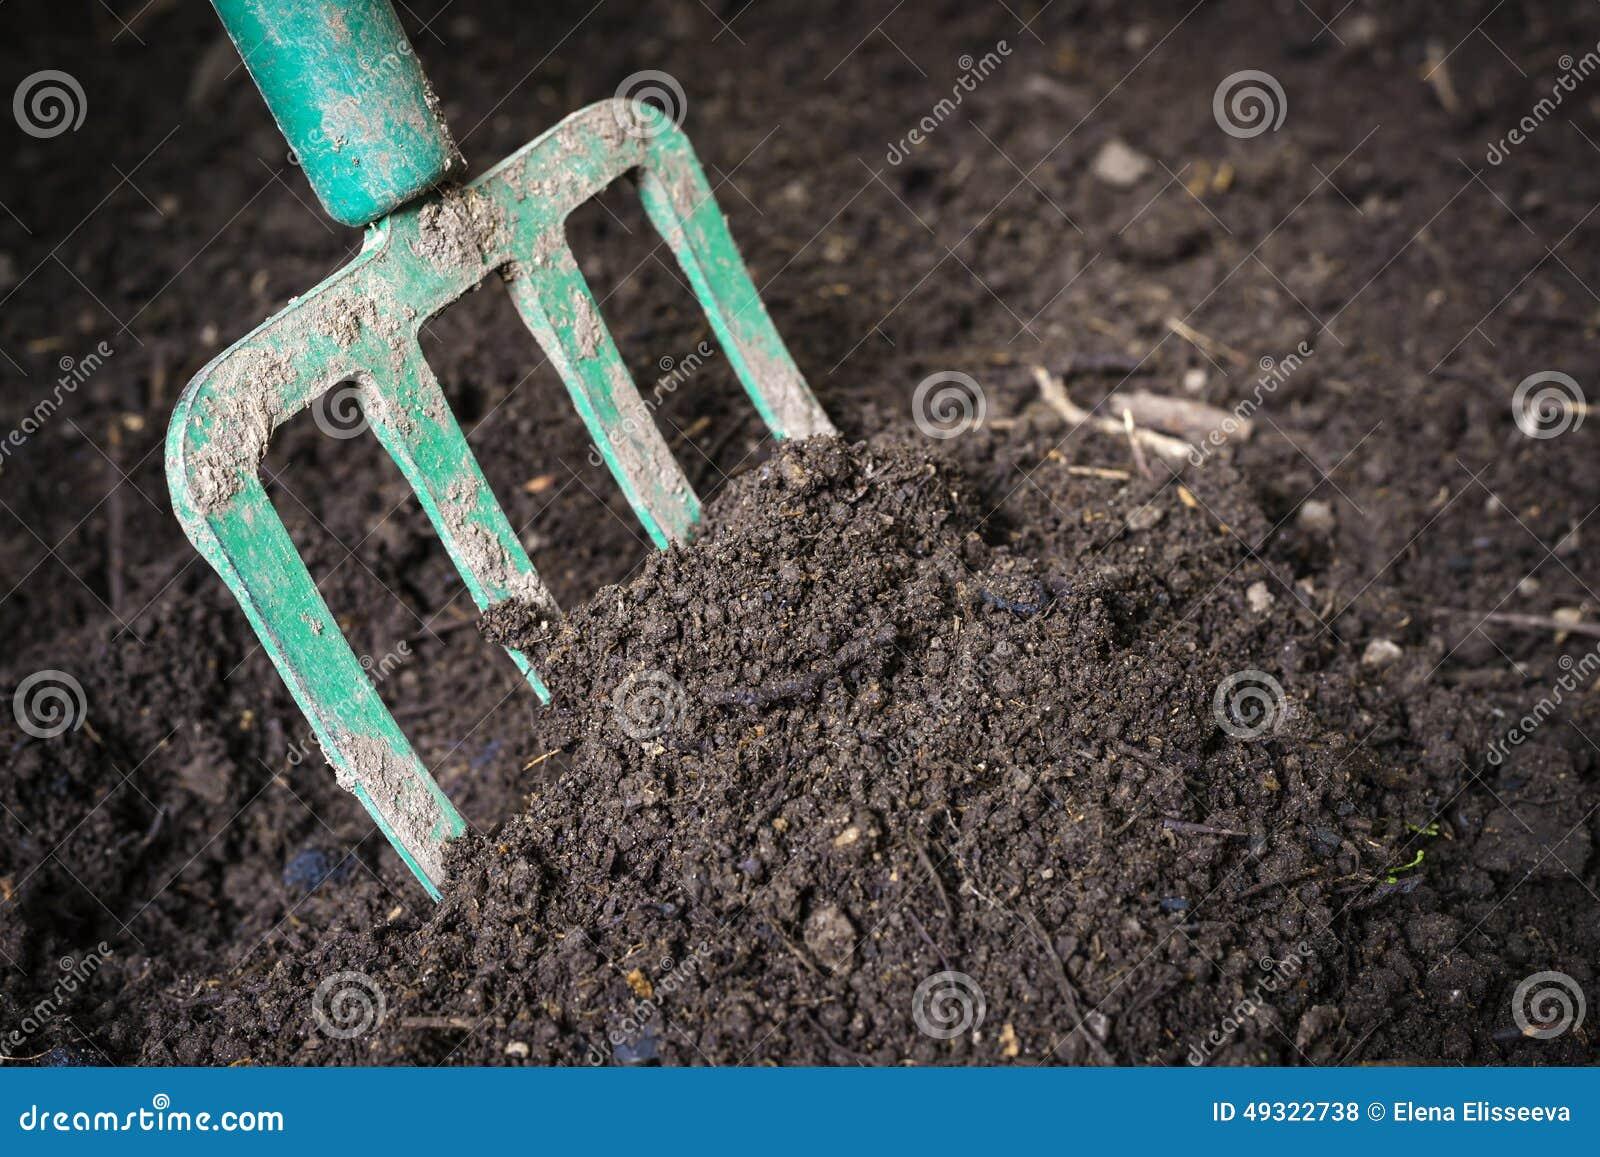 Garden fork turning composted soil stock photo image for Black garden soil